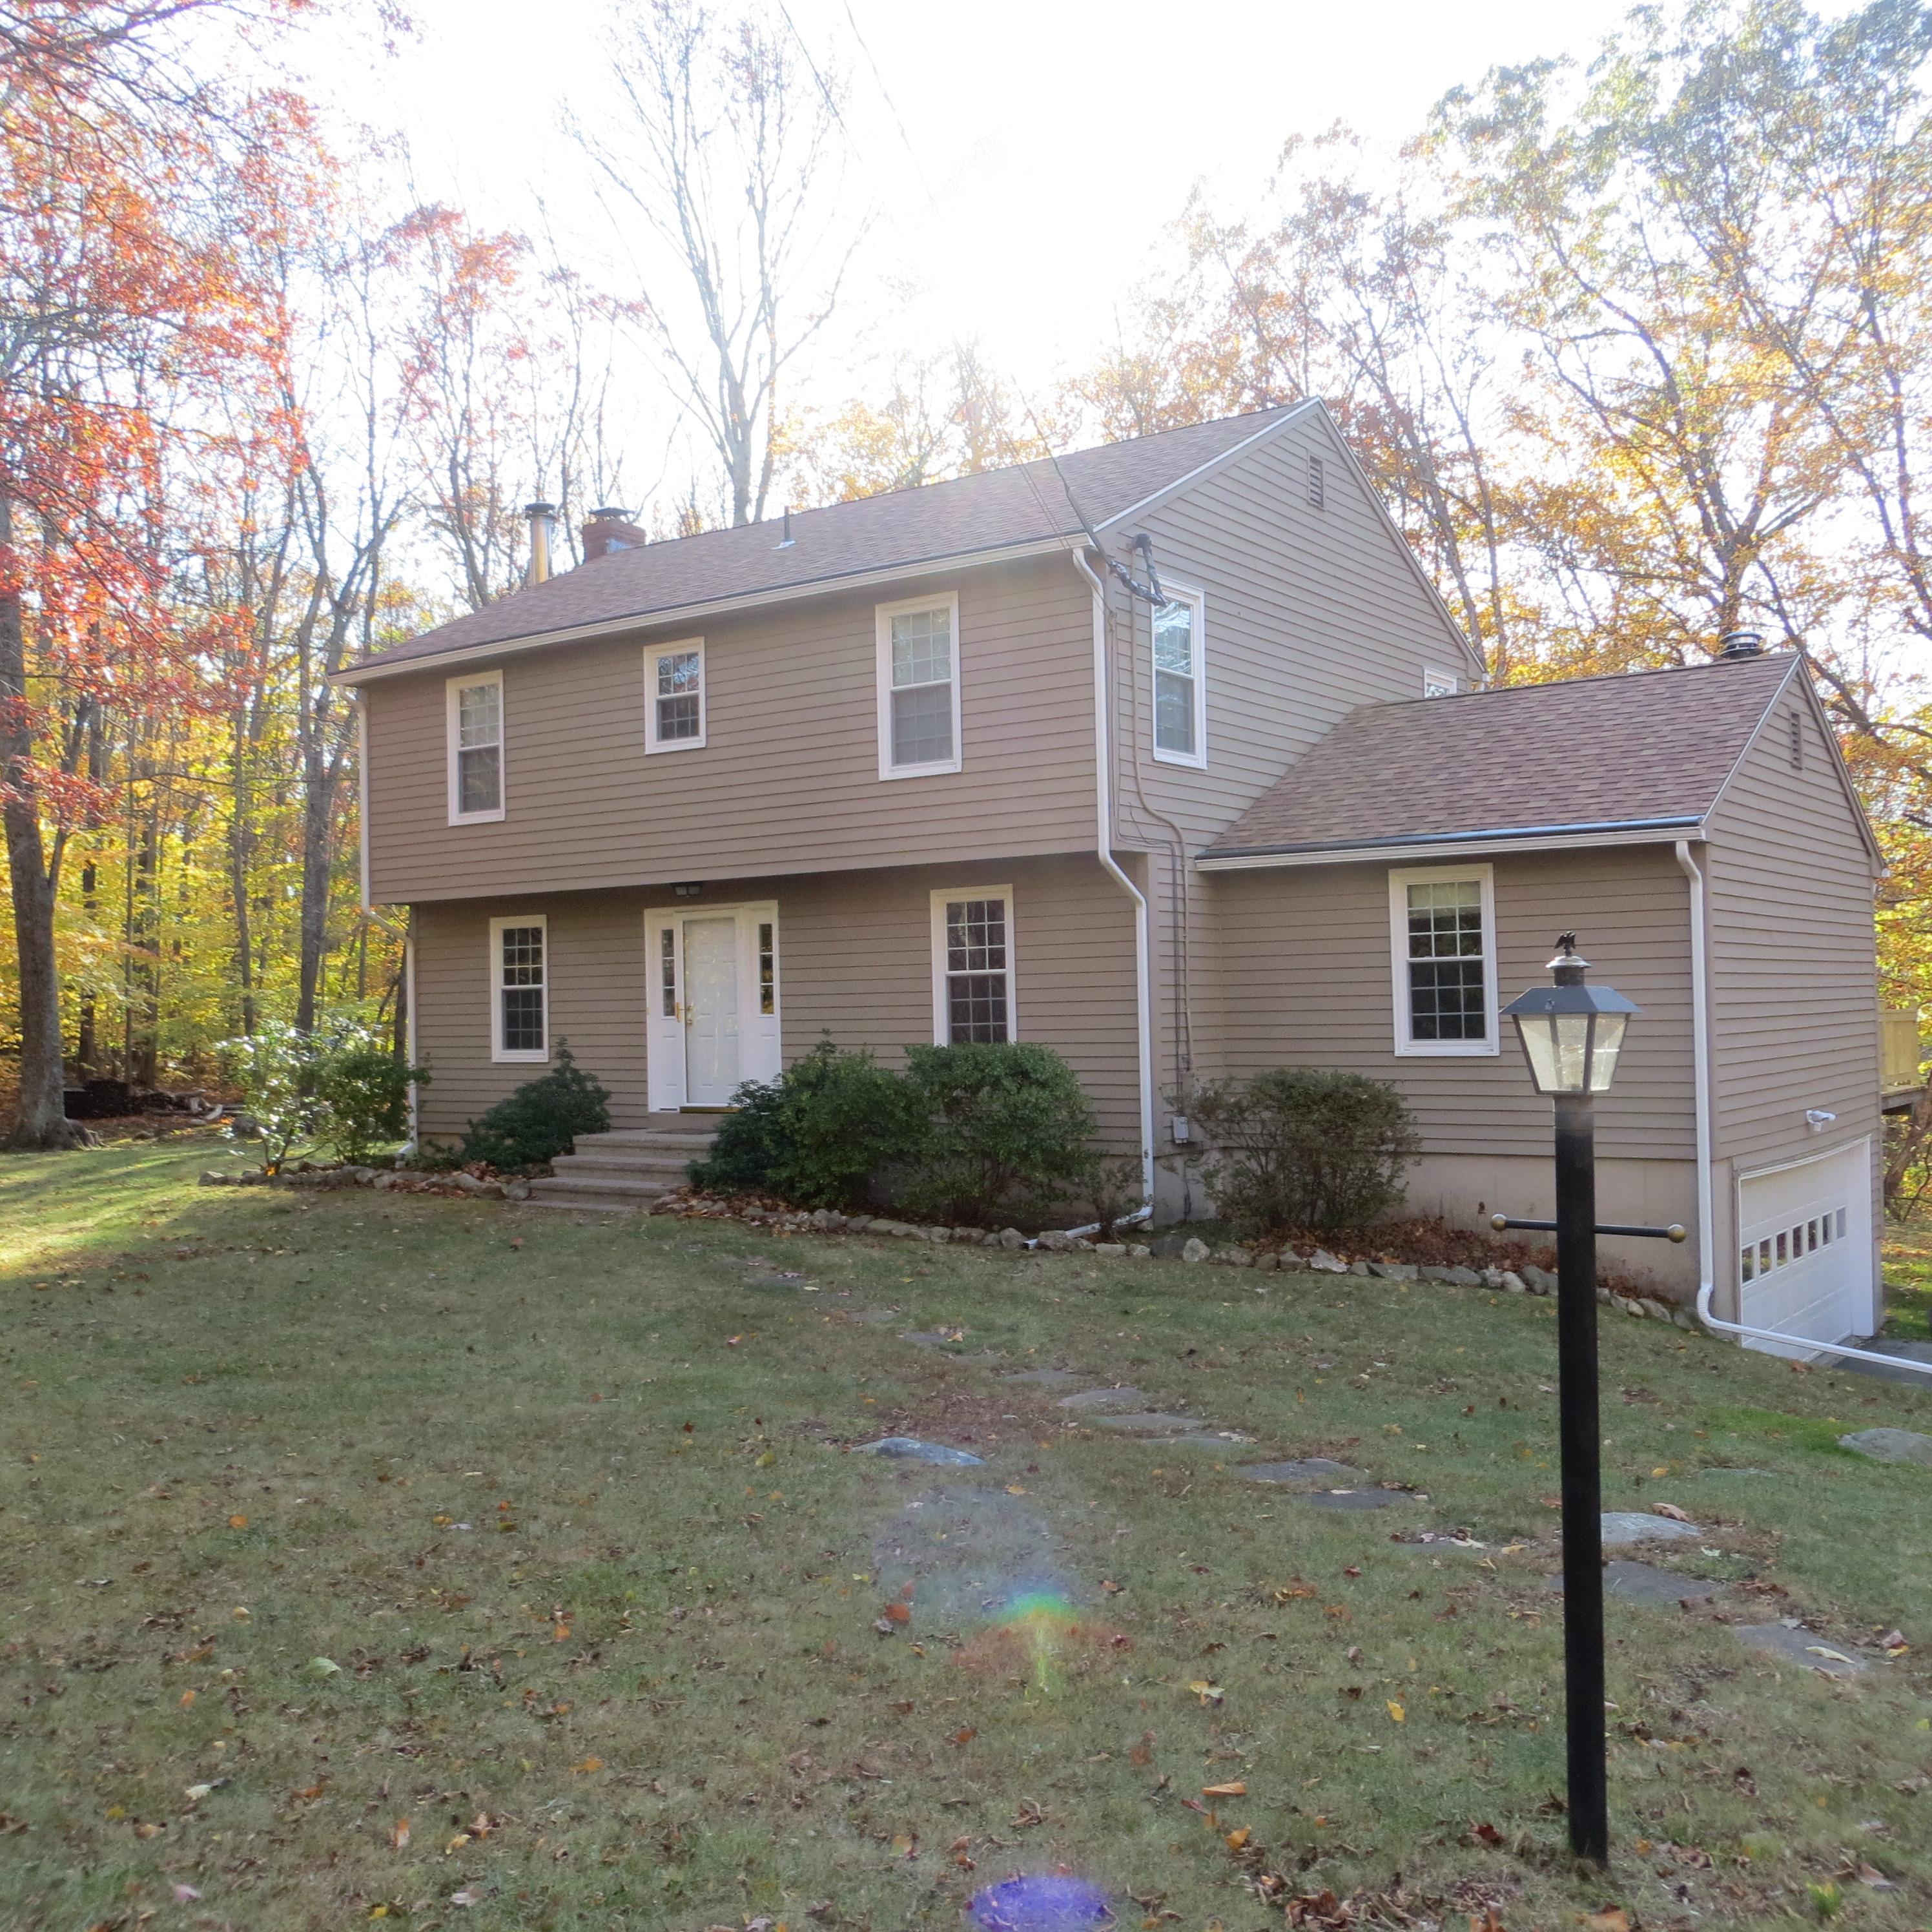 Casa Unifamiliar por un Venta en Rustic Lane 25 Rustic Lane Madison, Connecticut 06443 Estados Unidos